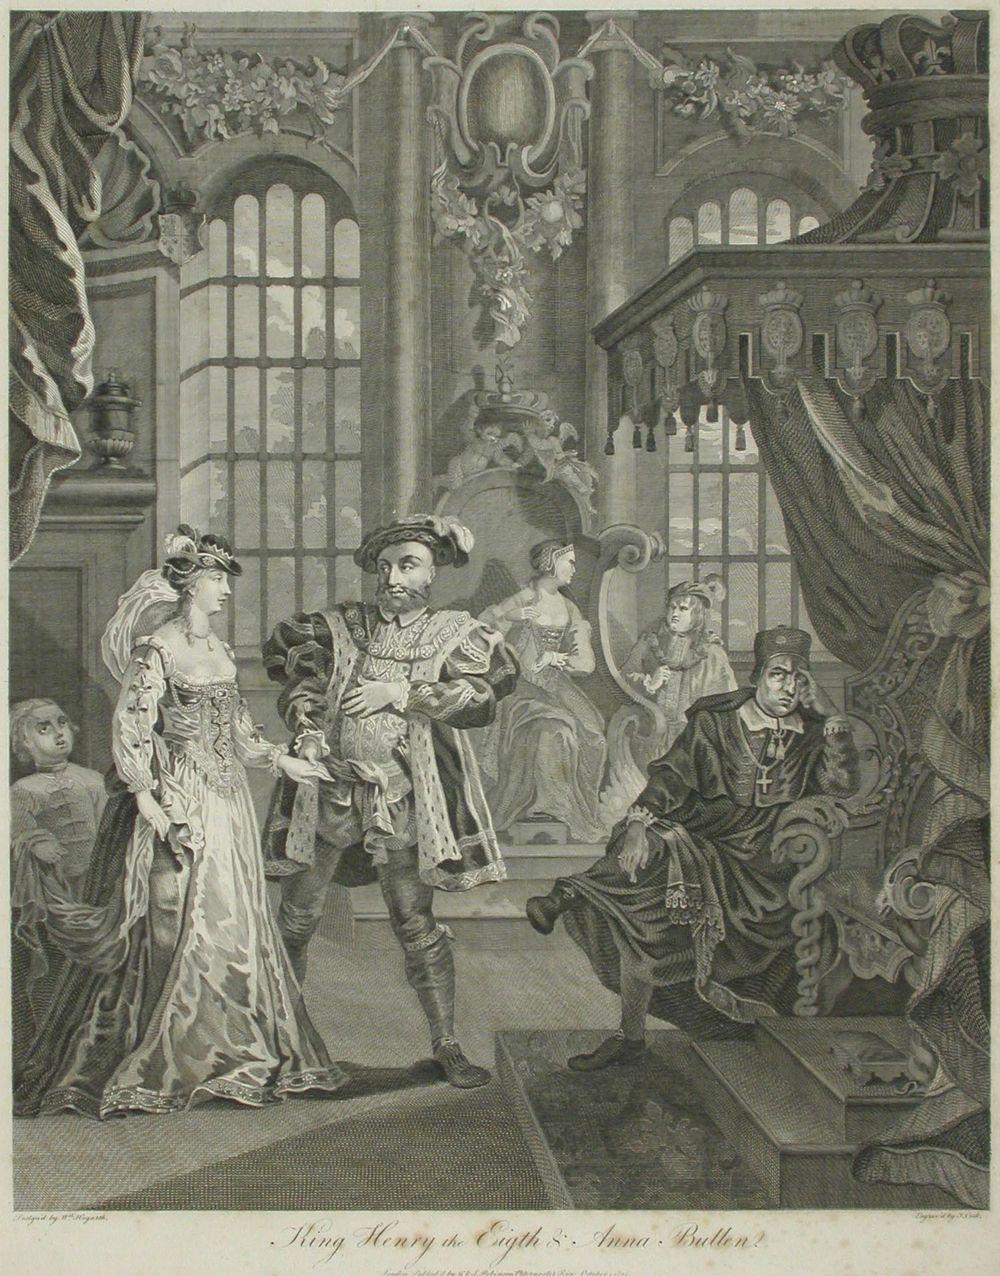 Kuningas Henrik VIII ja Anna Bullen (Boulen)